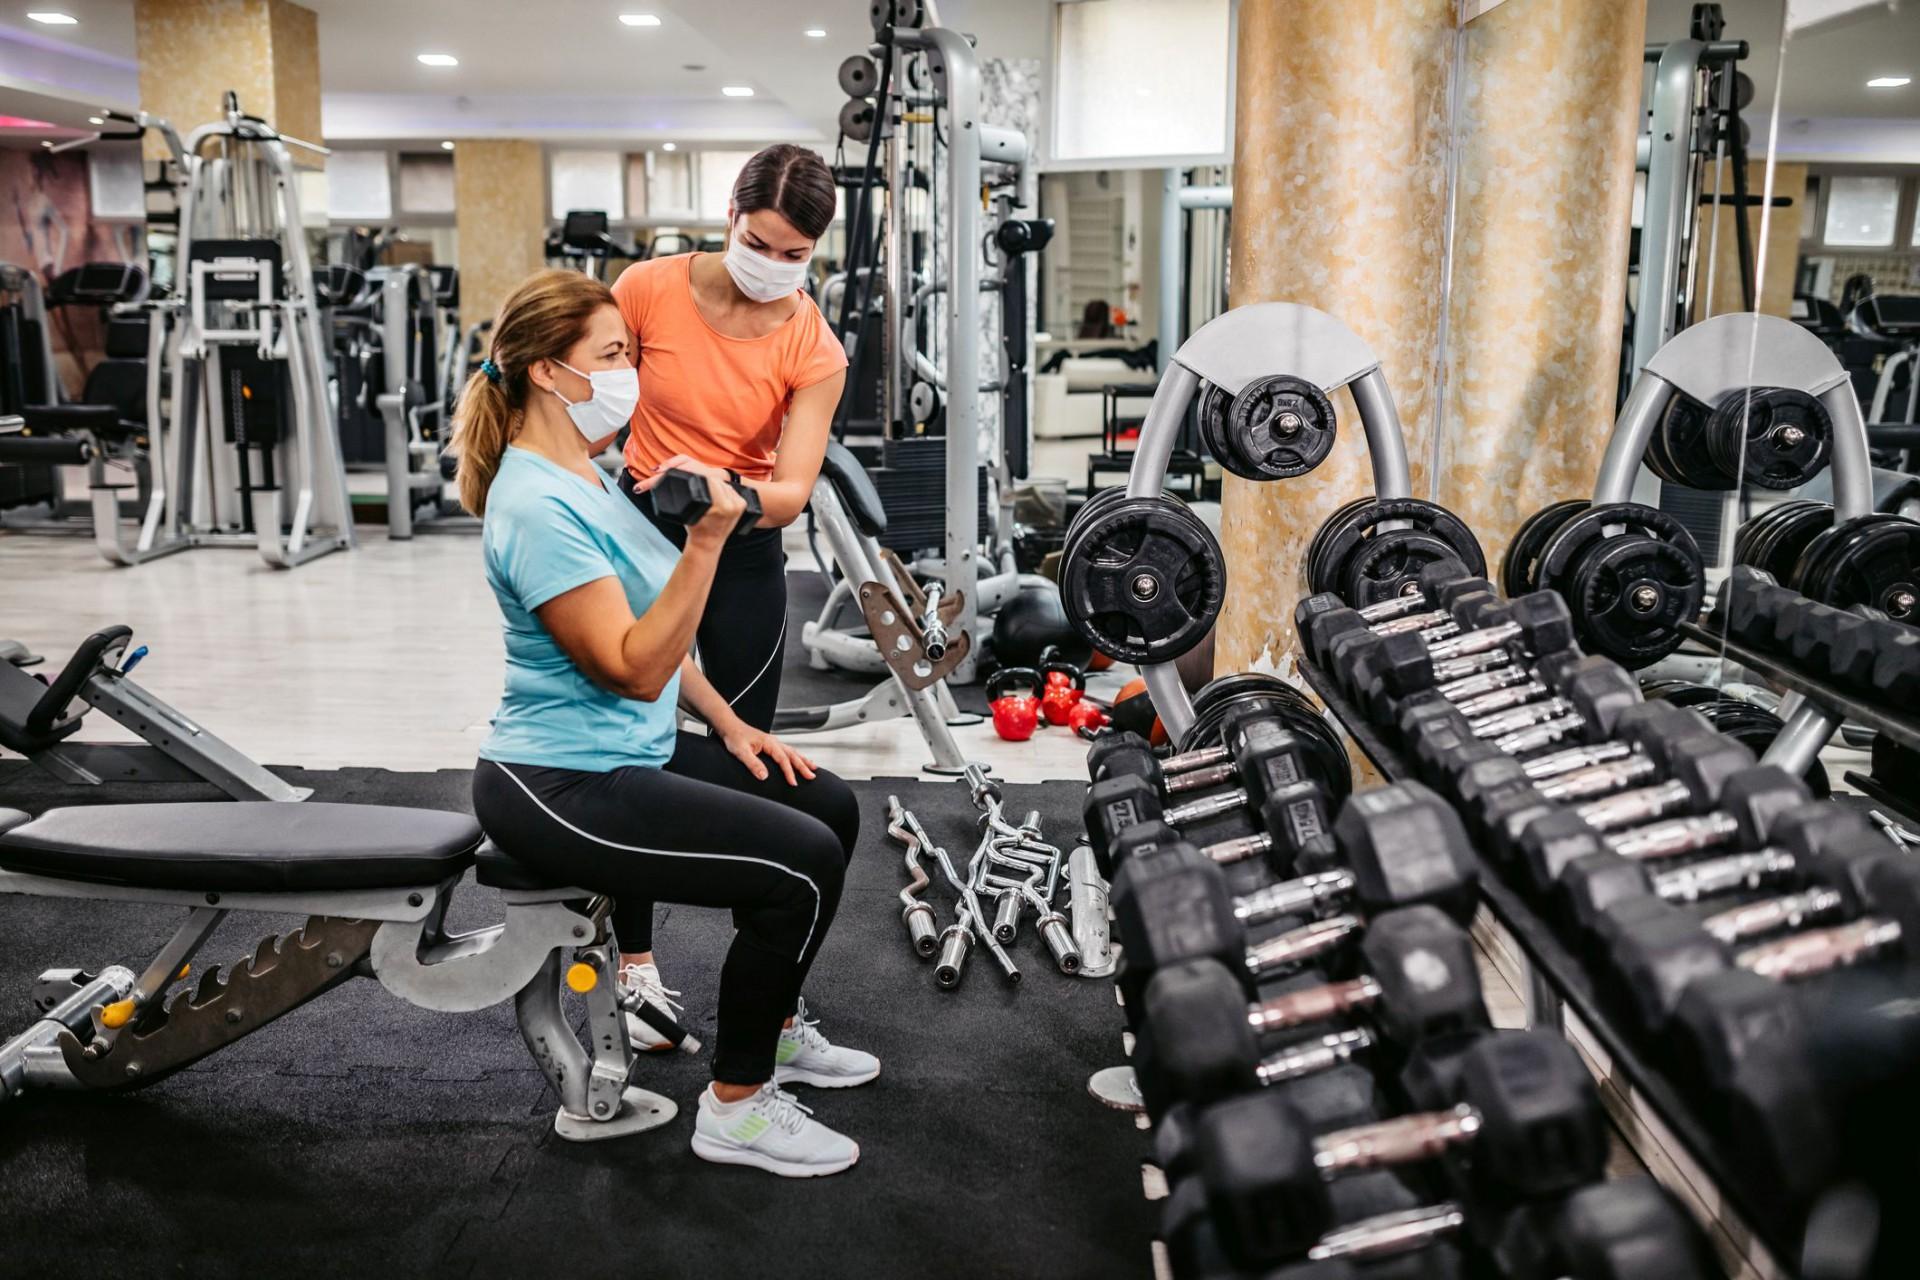 CREF5-CE trabalhou em convencer as autoridades responsáveis da necessidade da prática das atividades físicas e da possibilidade de se ter uma retomada gradual com segurança